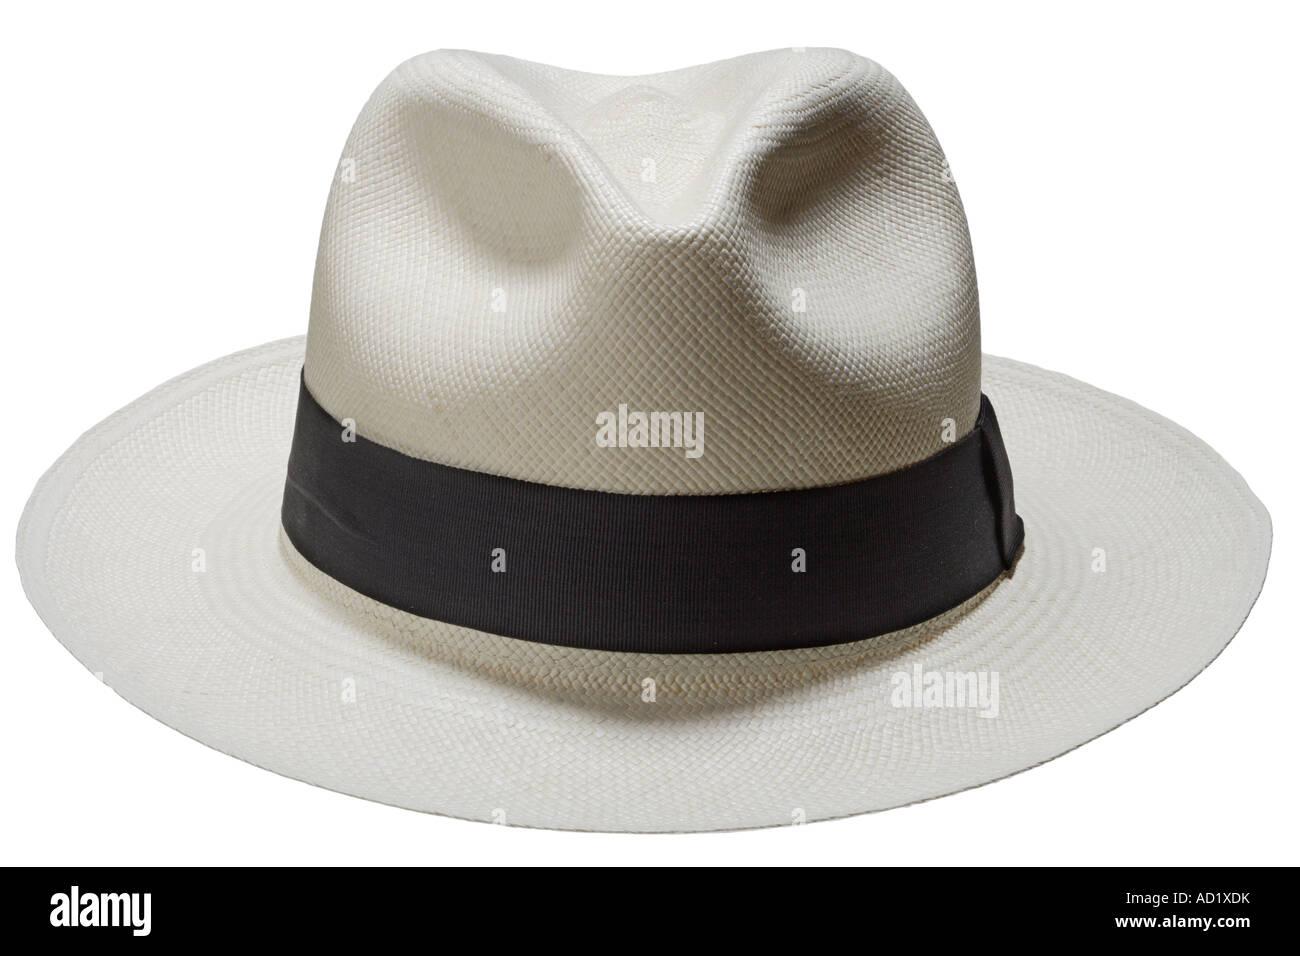 Cappello Panama Foto   Immagine Stock  13277310 - Alamy 8f2fe1fc3974